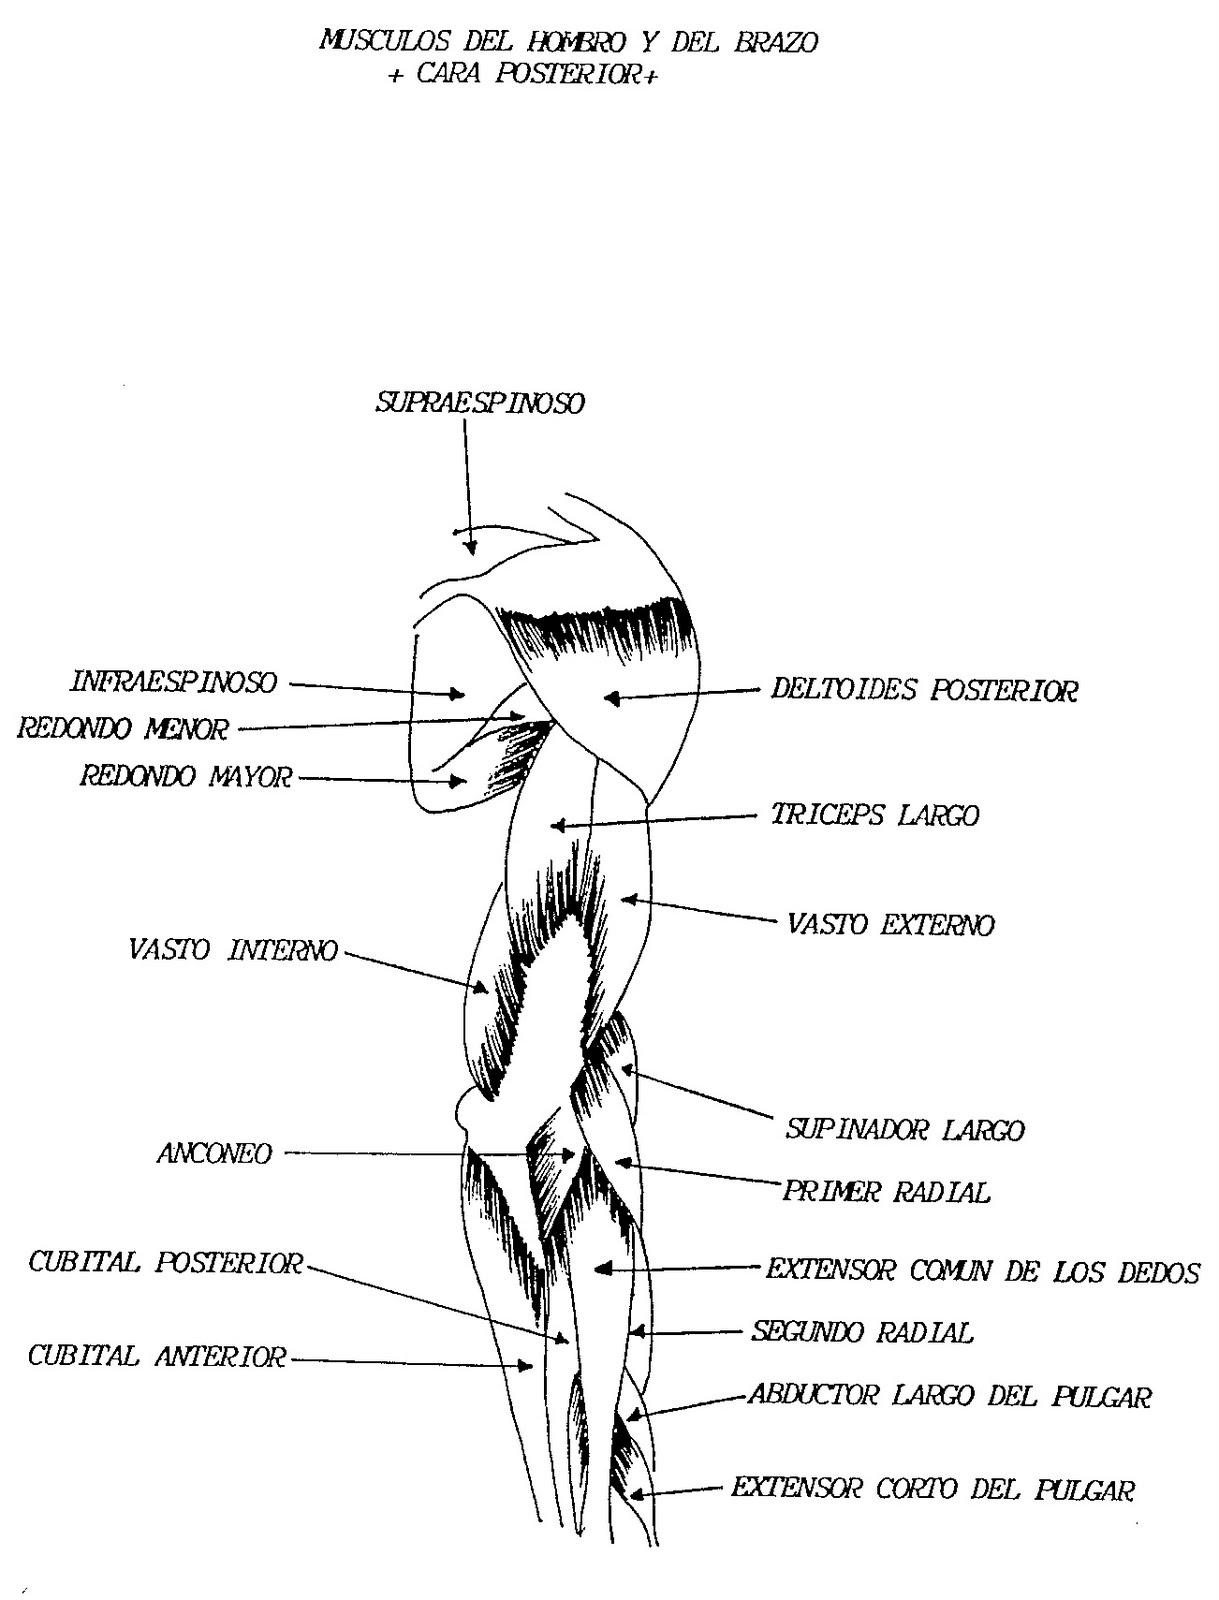 Músculos del hombro y del brazo (cara posterior) | DIARIO DE UN ...